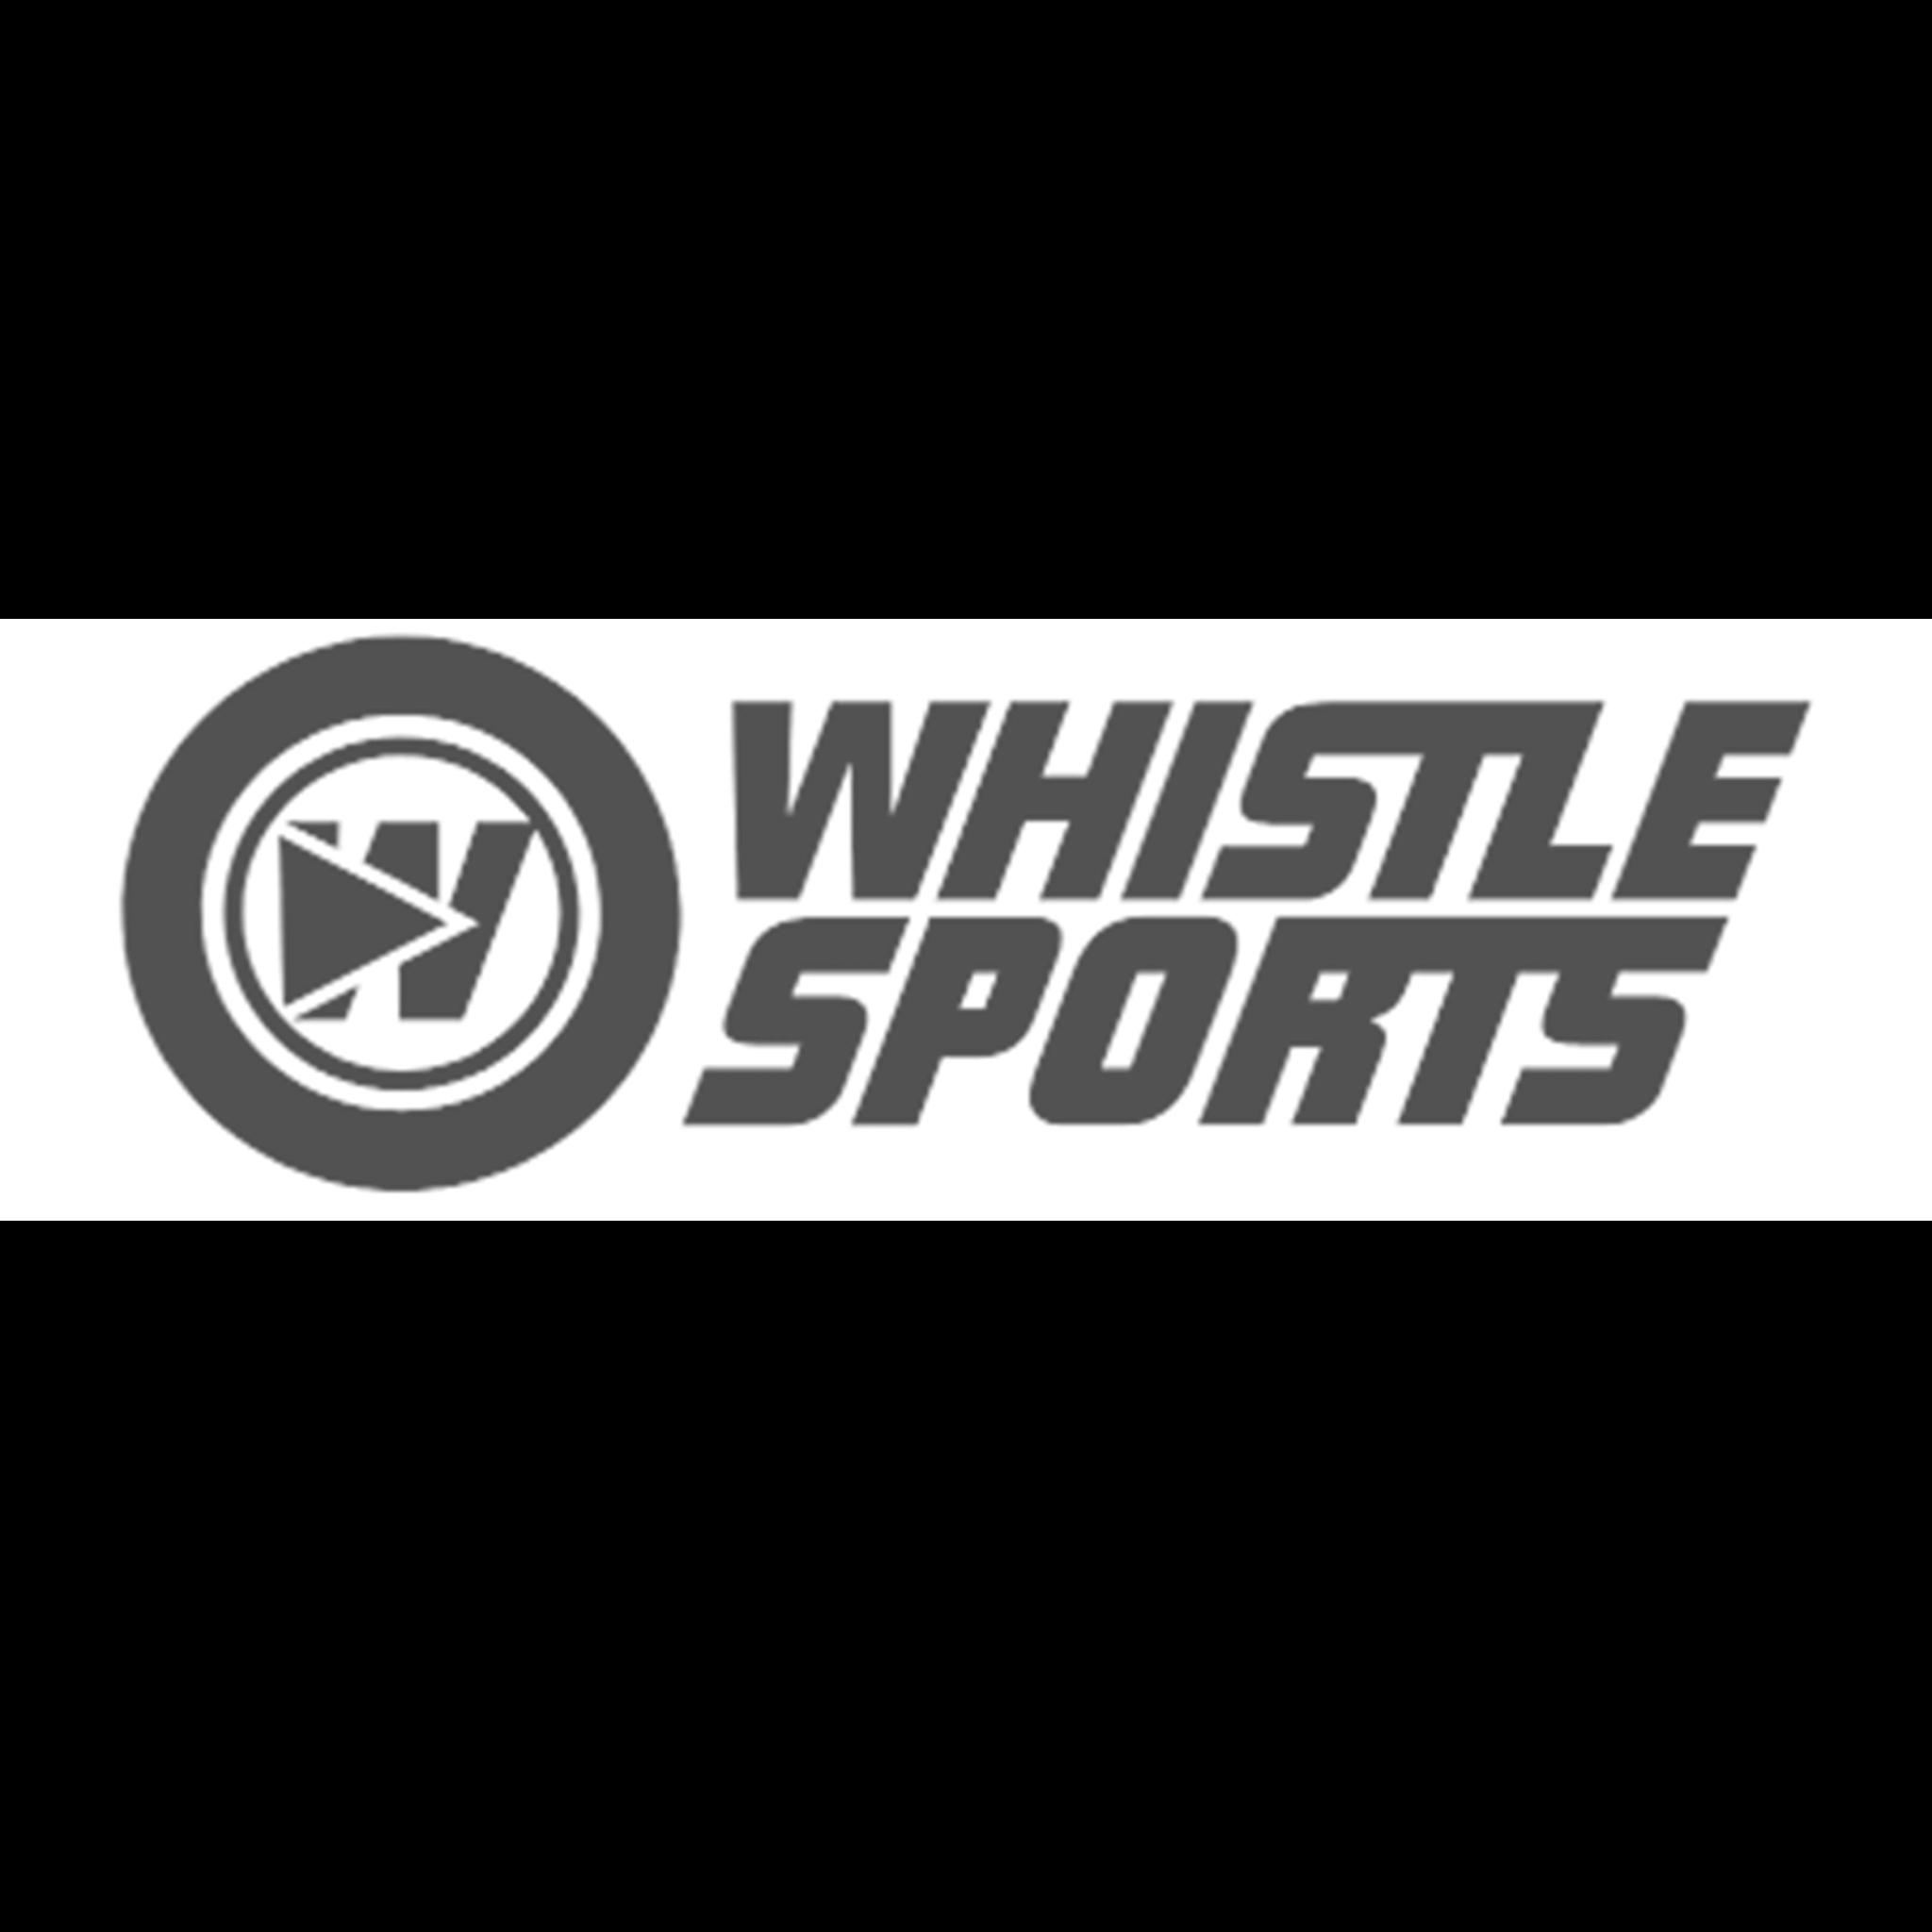 white-sports